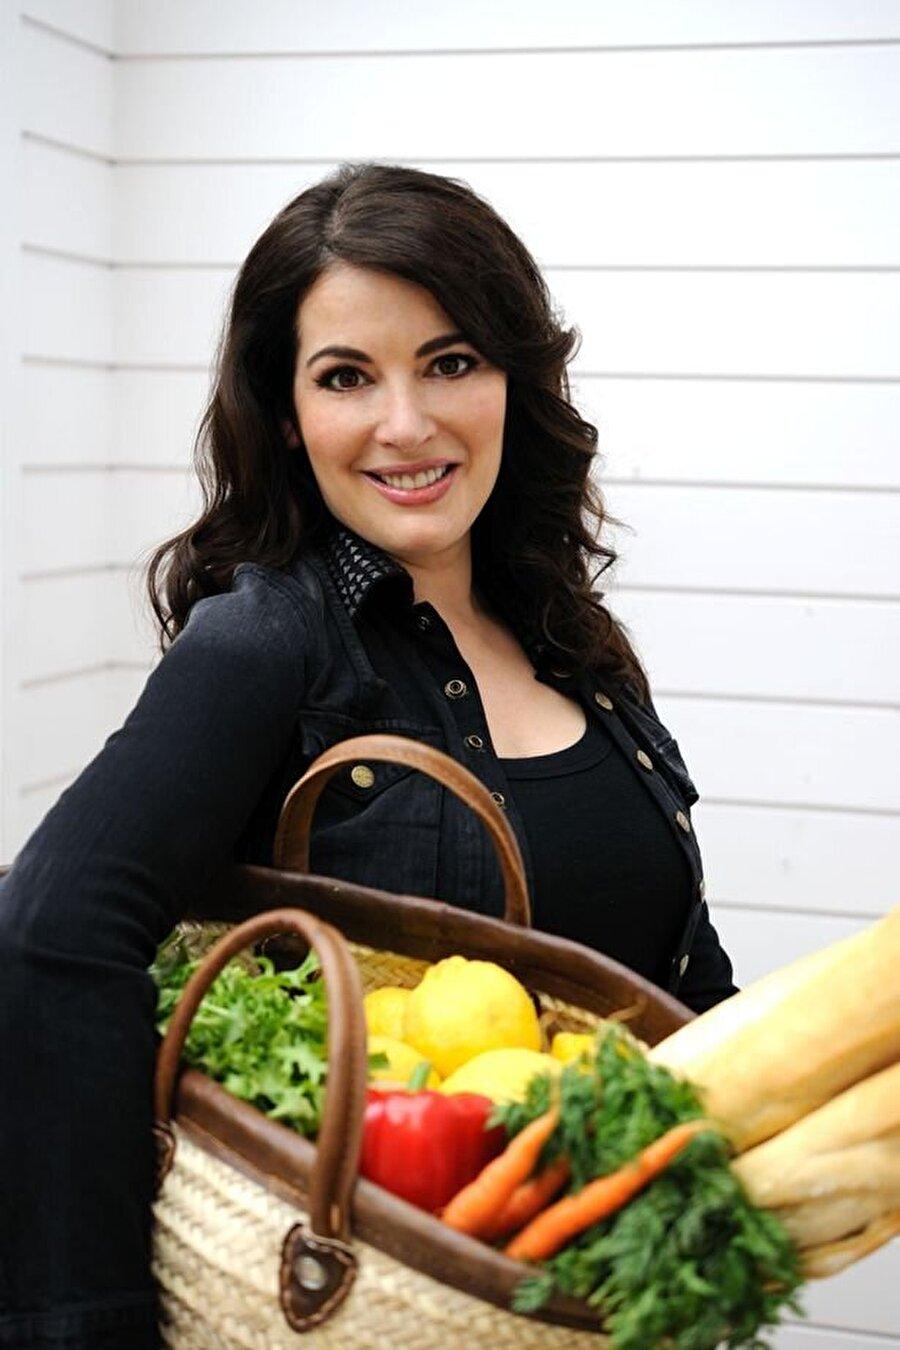 Nigella Lawson, İtalyan mutfağına son derece hakim. Ancak Lawson, İtalyan yemeklerini yaparken mutlaka bu tariflere kendi yorumunu katıyor.